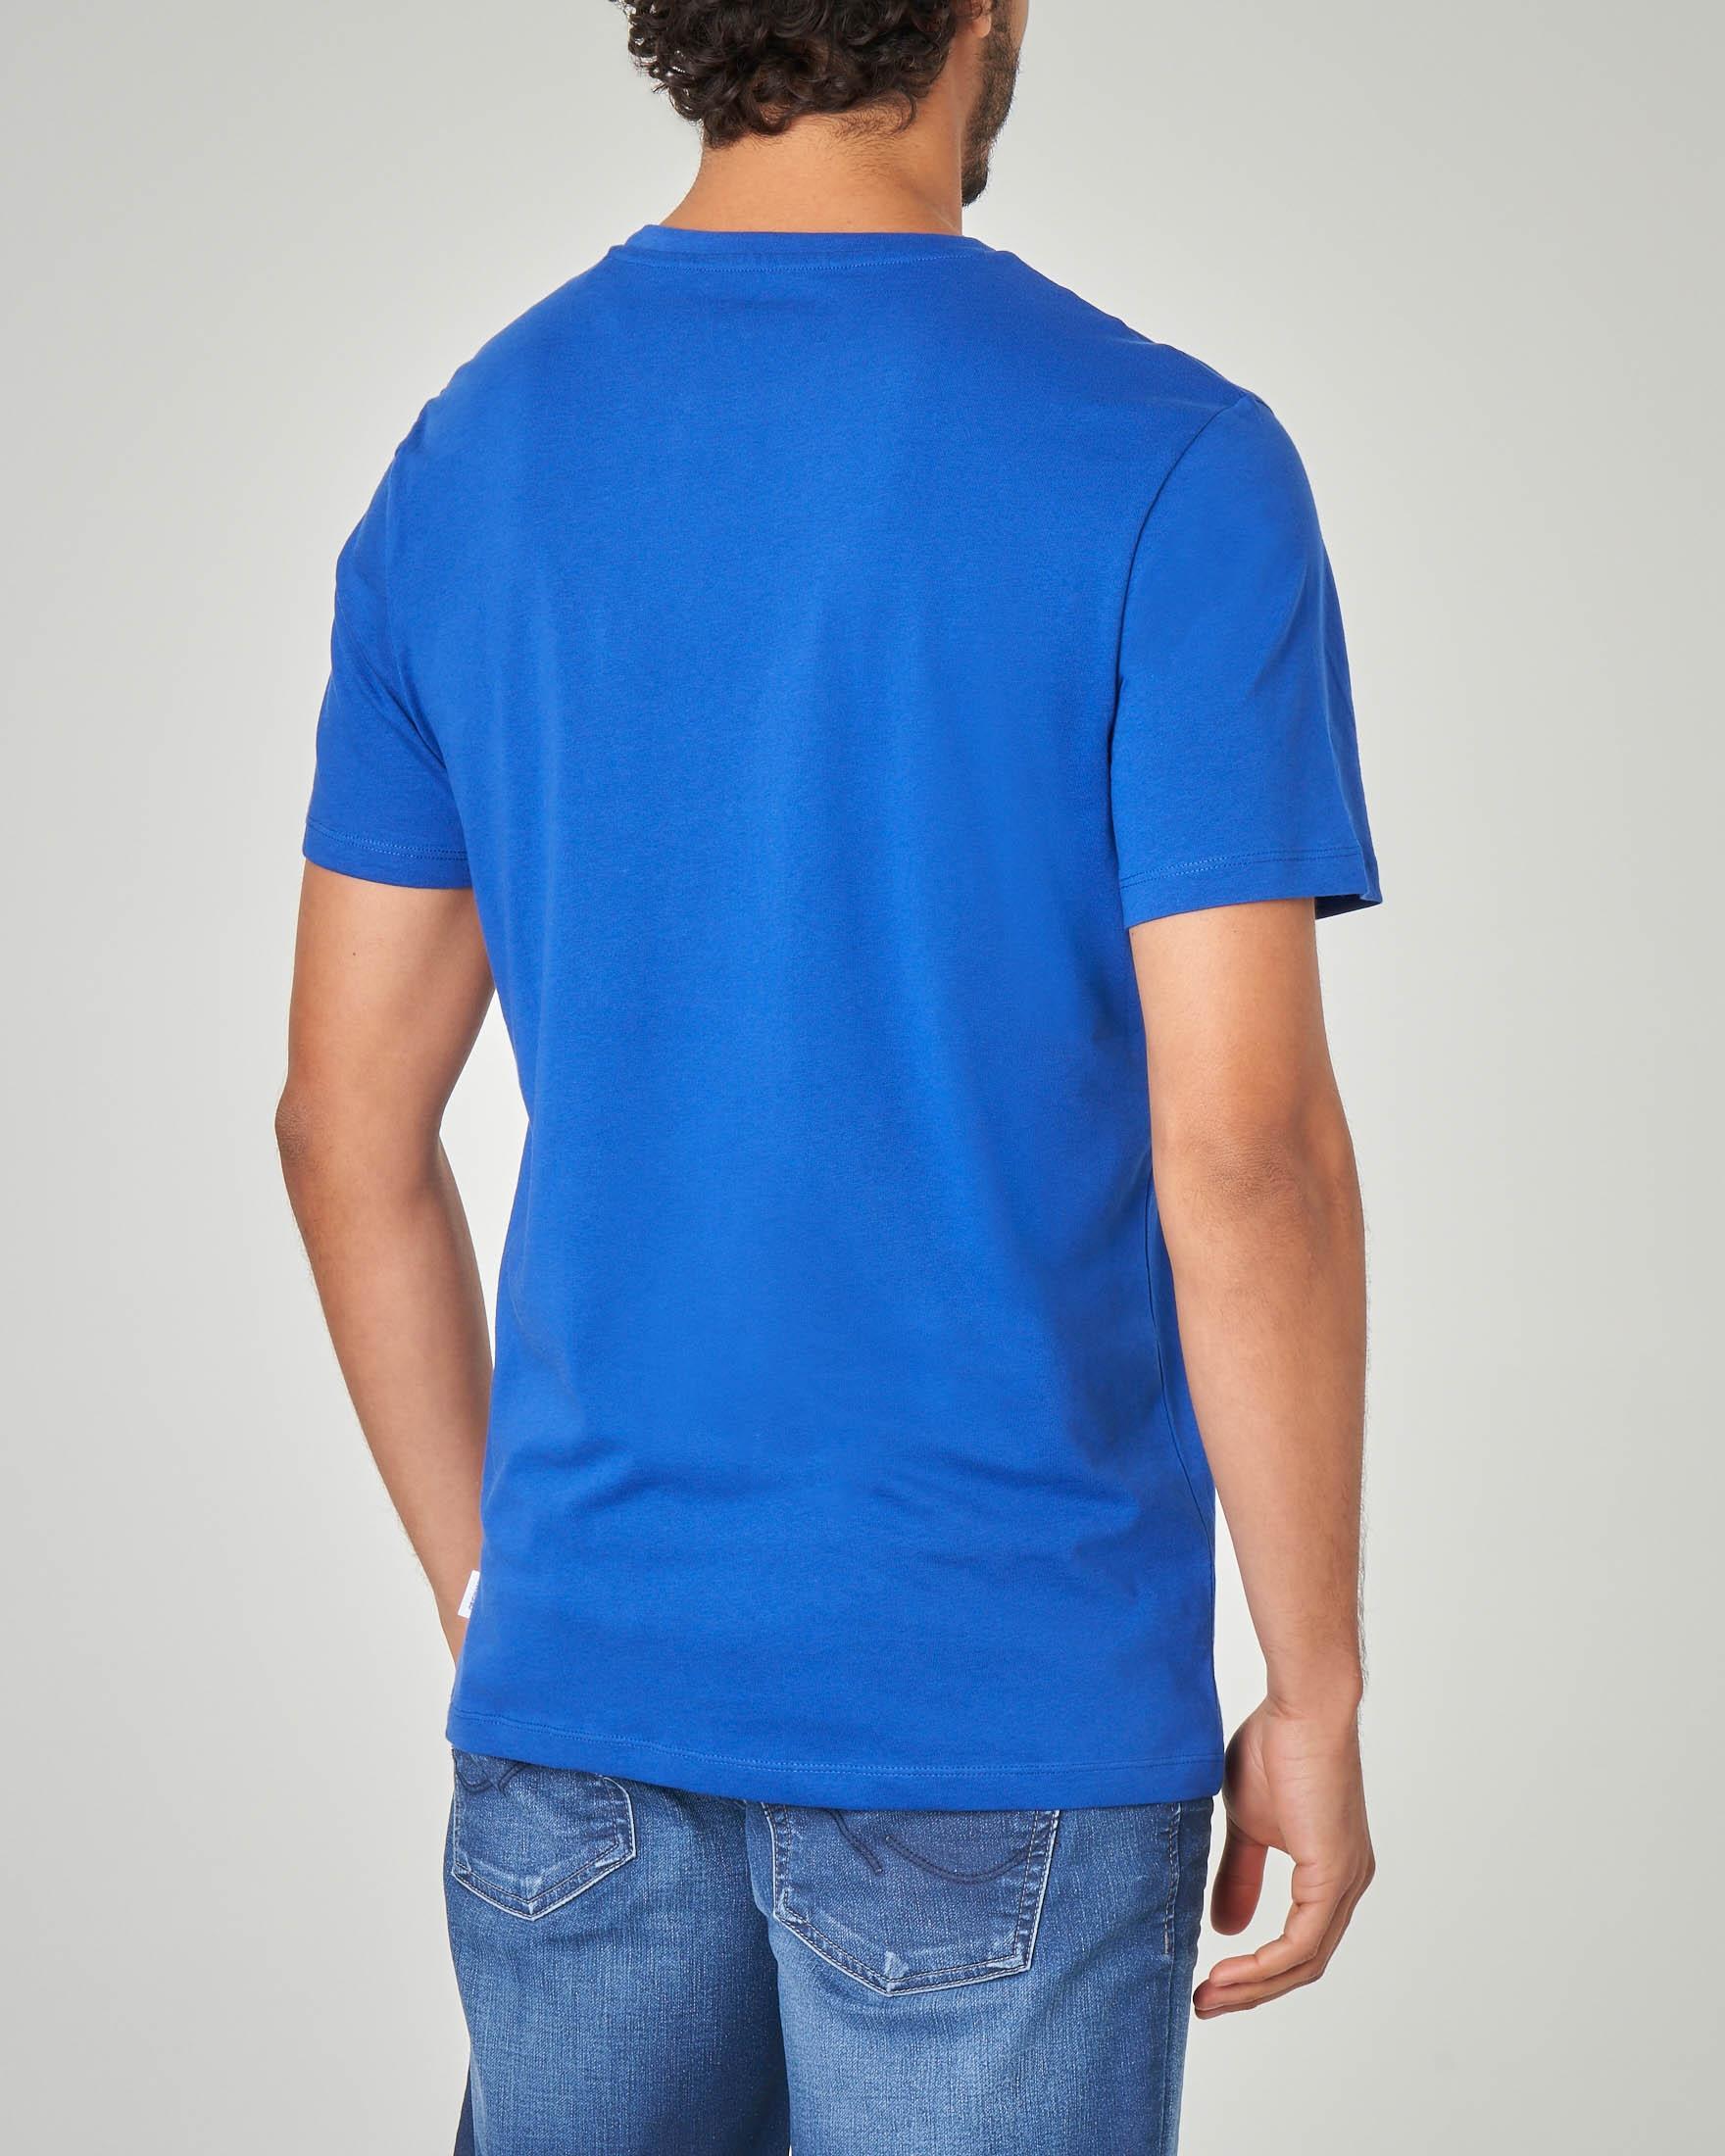 T-shirt blu royal vacay